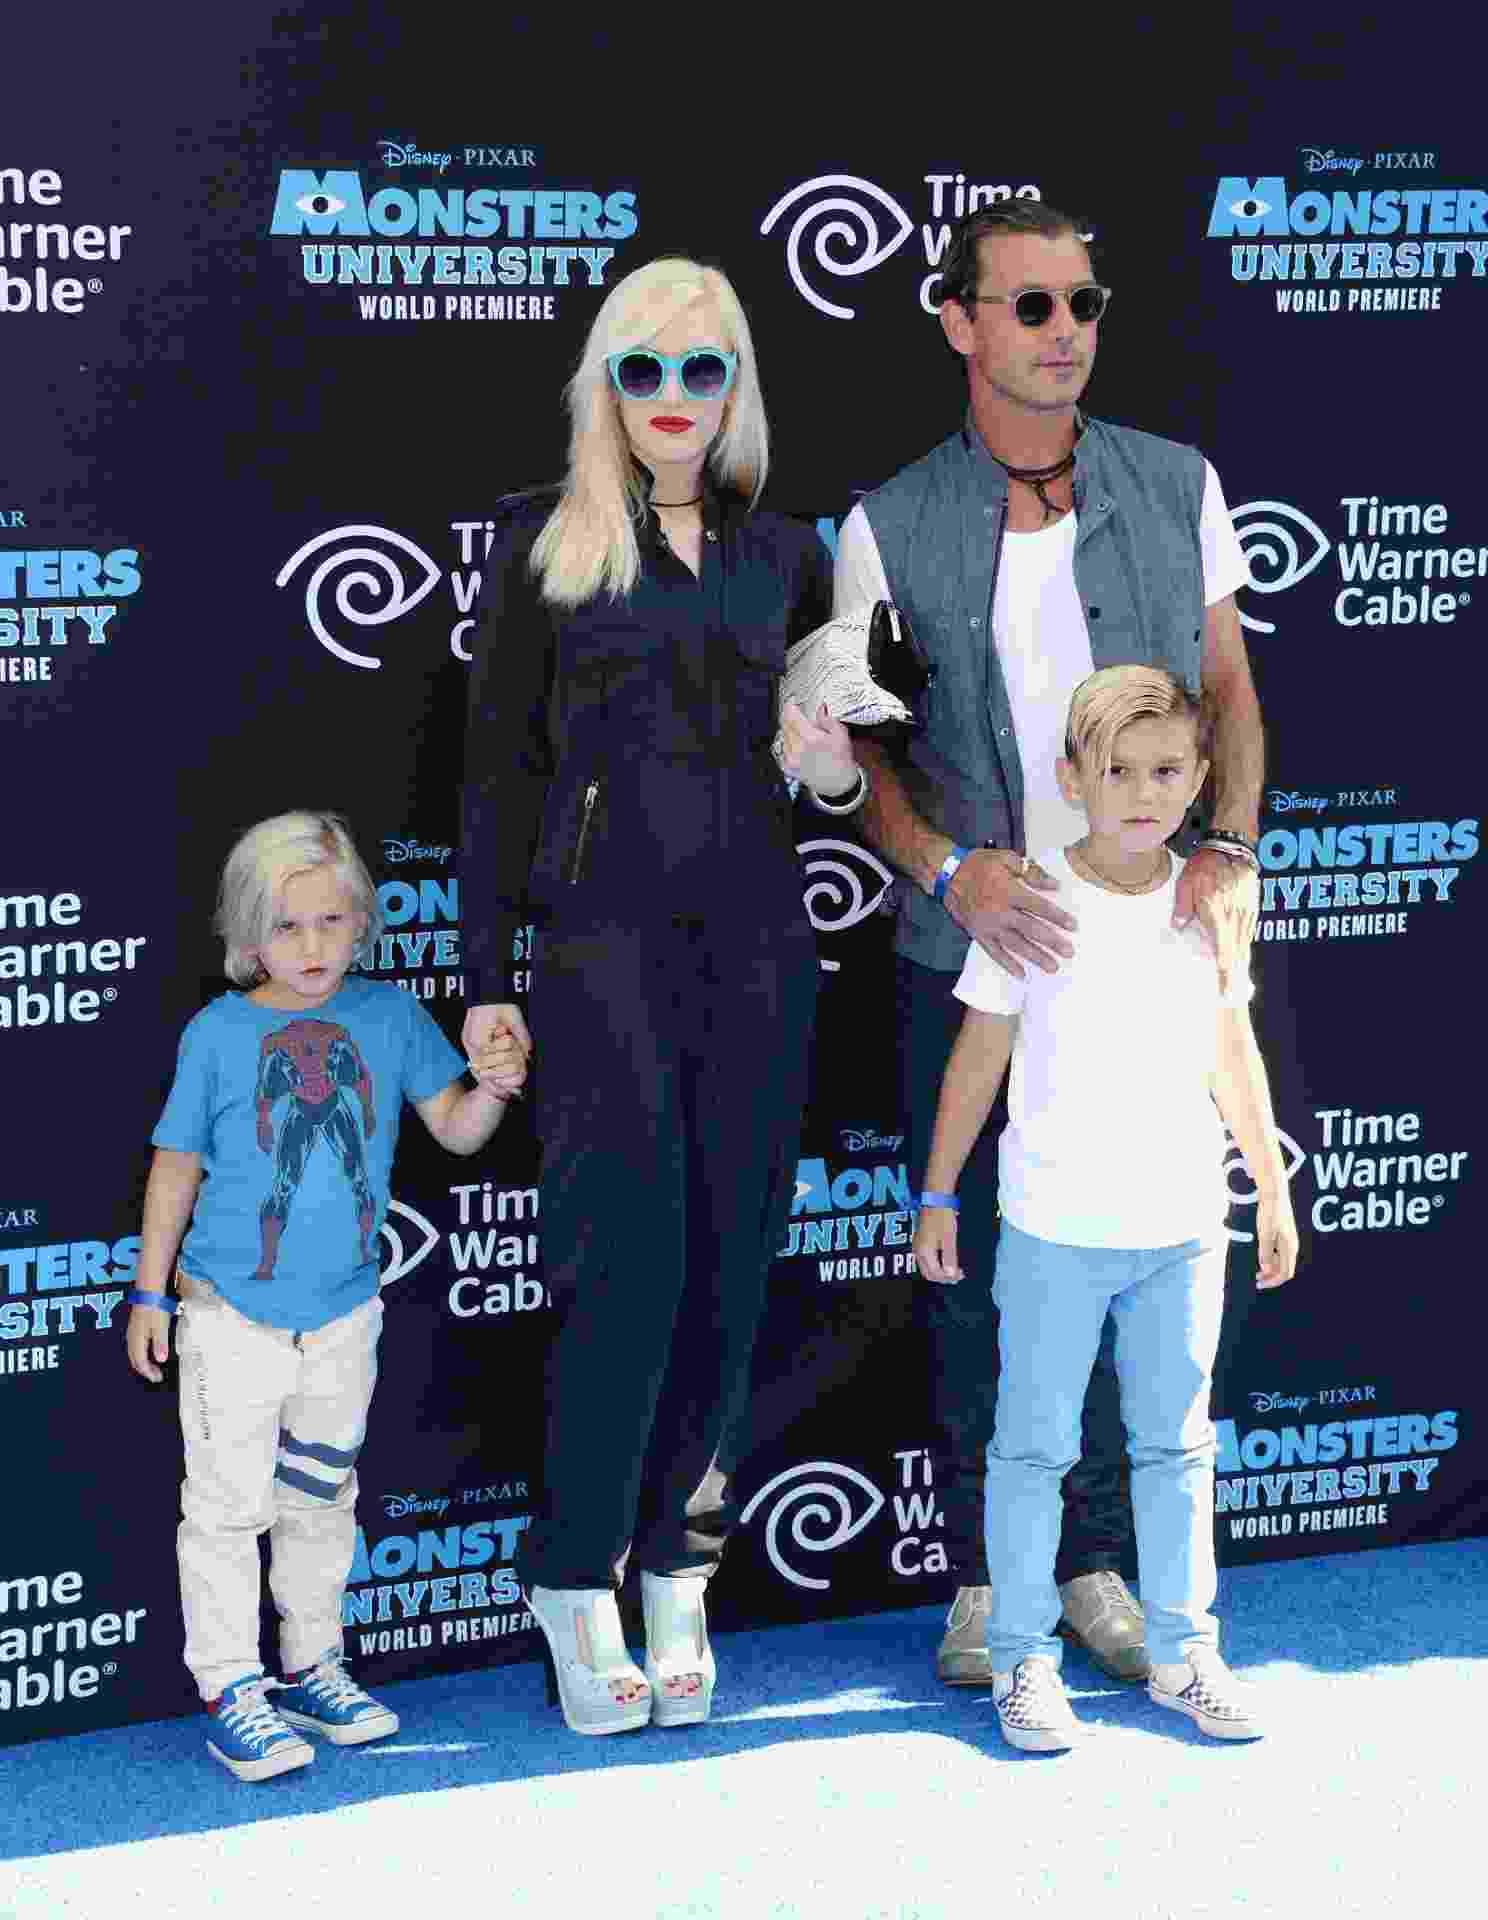 Filhos de famosos estilosos - Getty Images